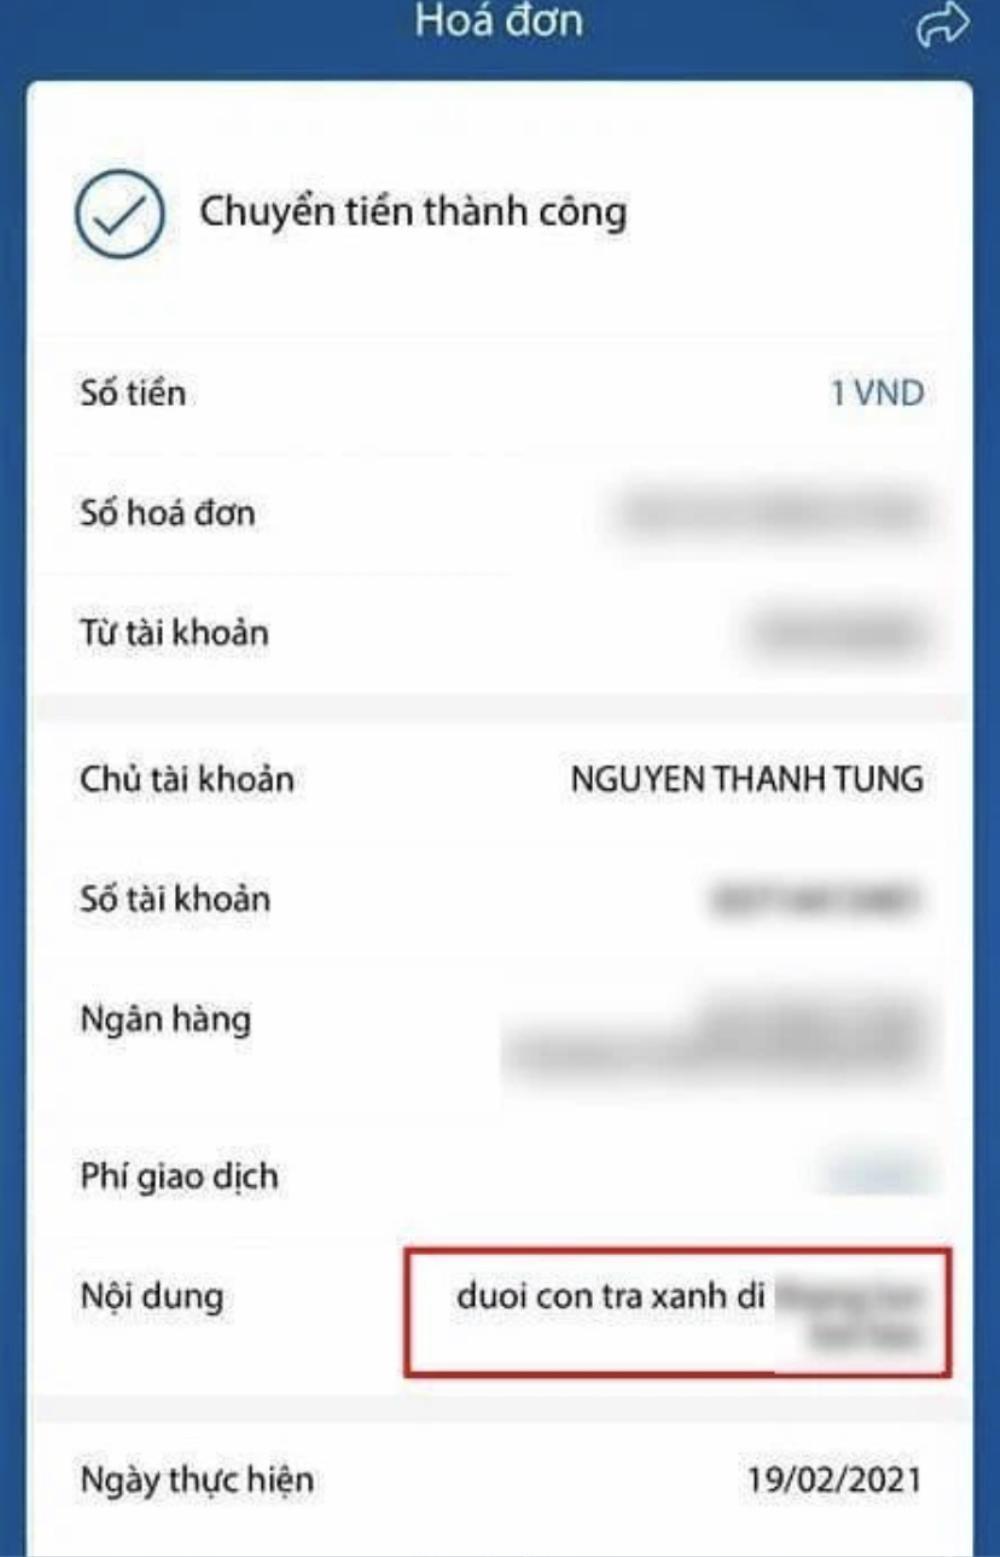 Vô tình để lộ số tài khoản ngân hàng, Sơn Tùng bị anti-fan lì xì kèm lời nhắn 'dở khóc dở cười' Ảnh 3